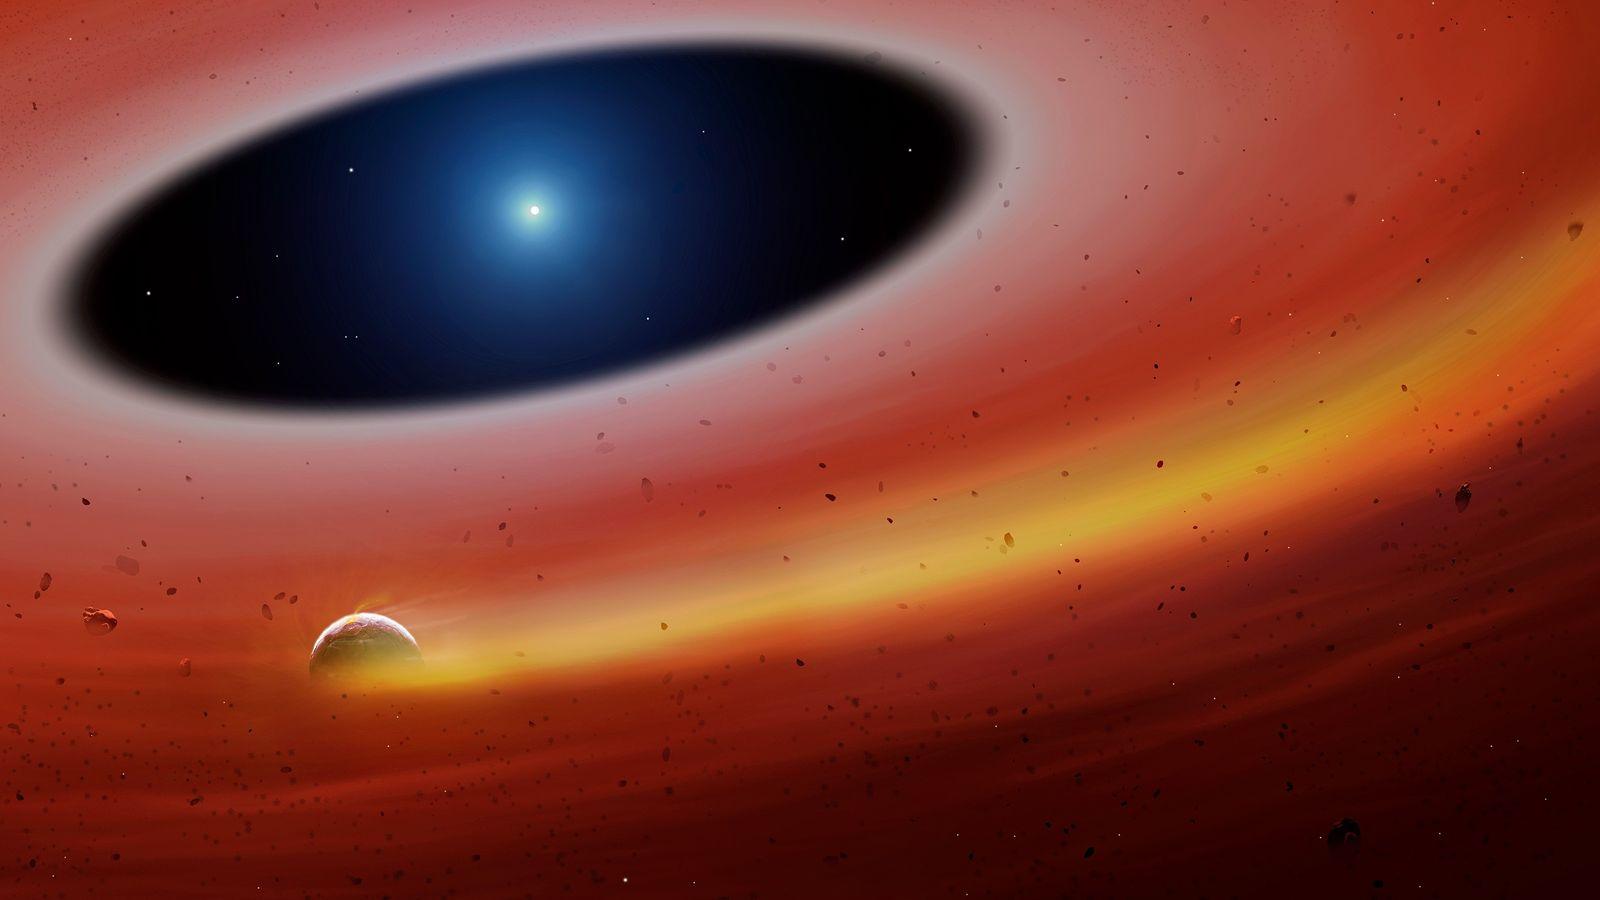 Um fragmento planetário orbita uma estrela anã branca em uma ilustração do sistema recém-descoberto.